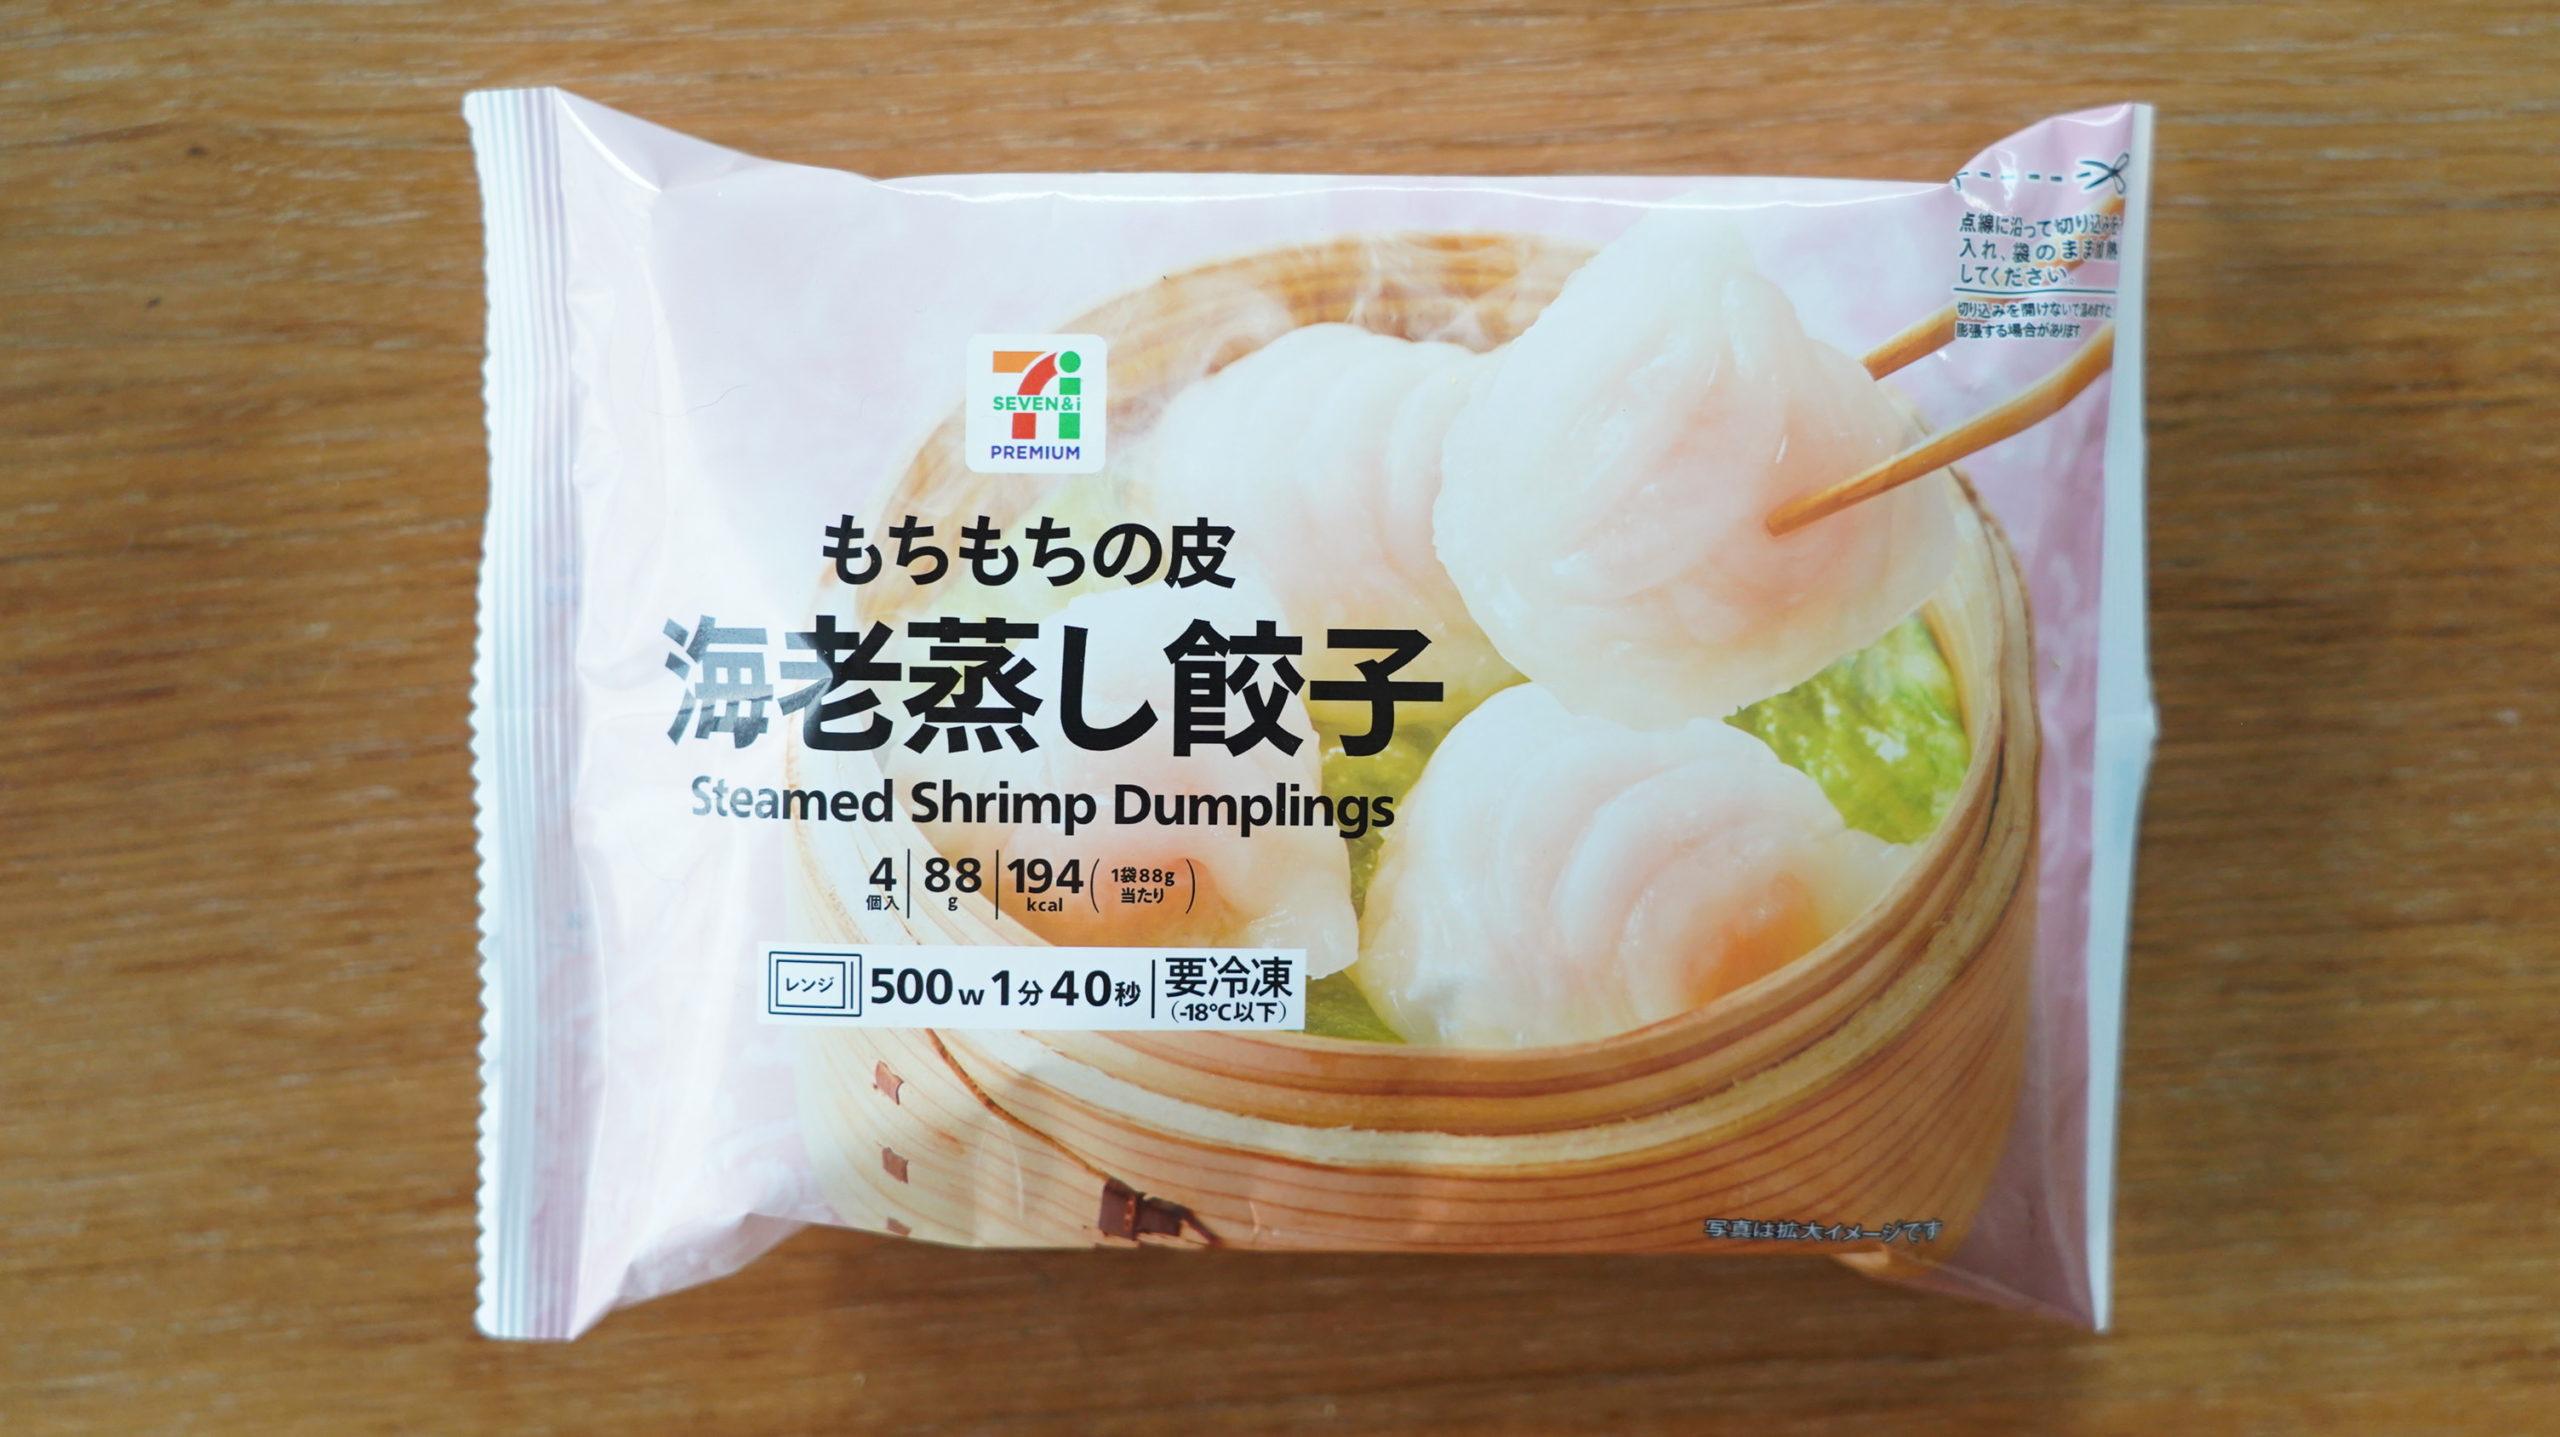 セブンイレブンの冷凍食品「もちもちの皮・海老蒸し餃子」のパッケージ写真